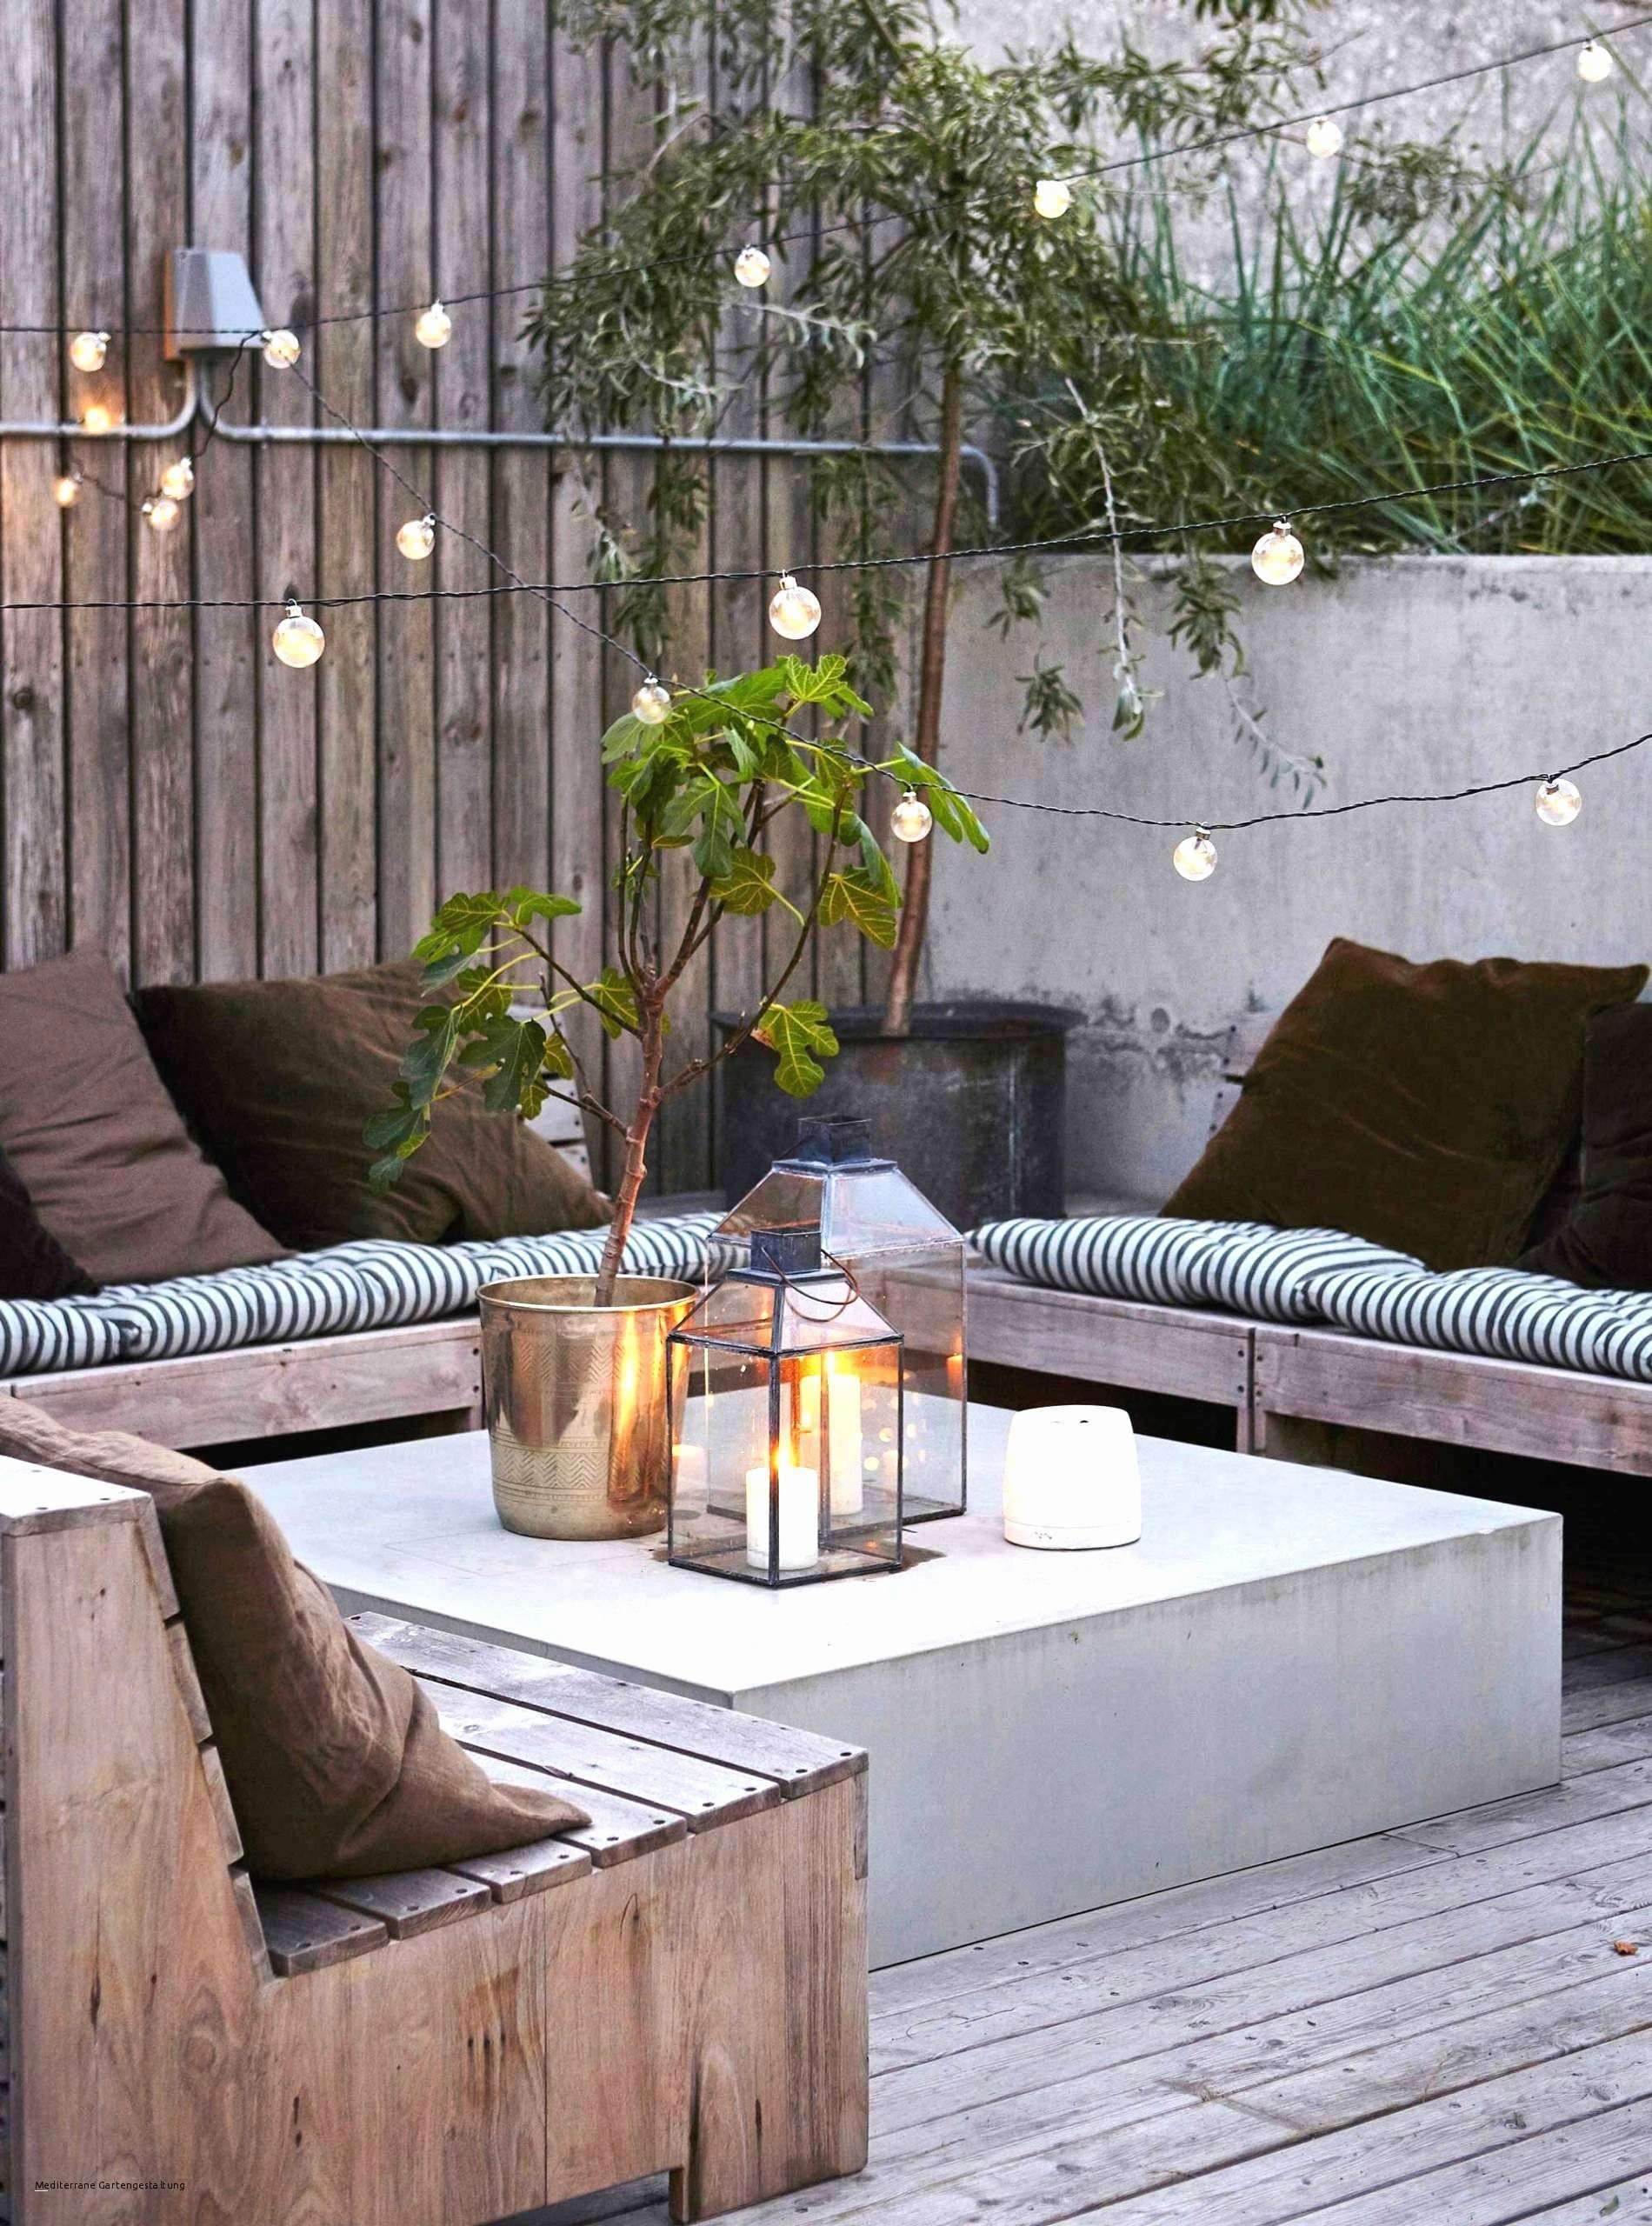 Balkon Deko Selber Machen Schön 31 Reizend Wohnzimmer Deko Selber Machen Genial